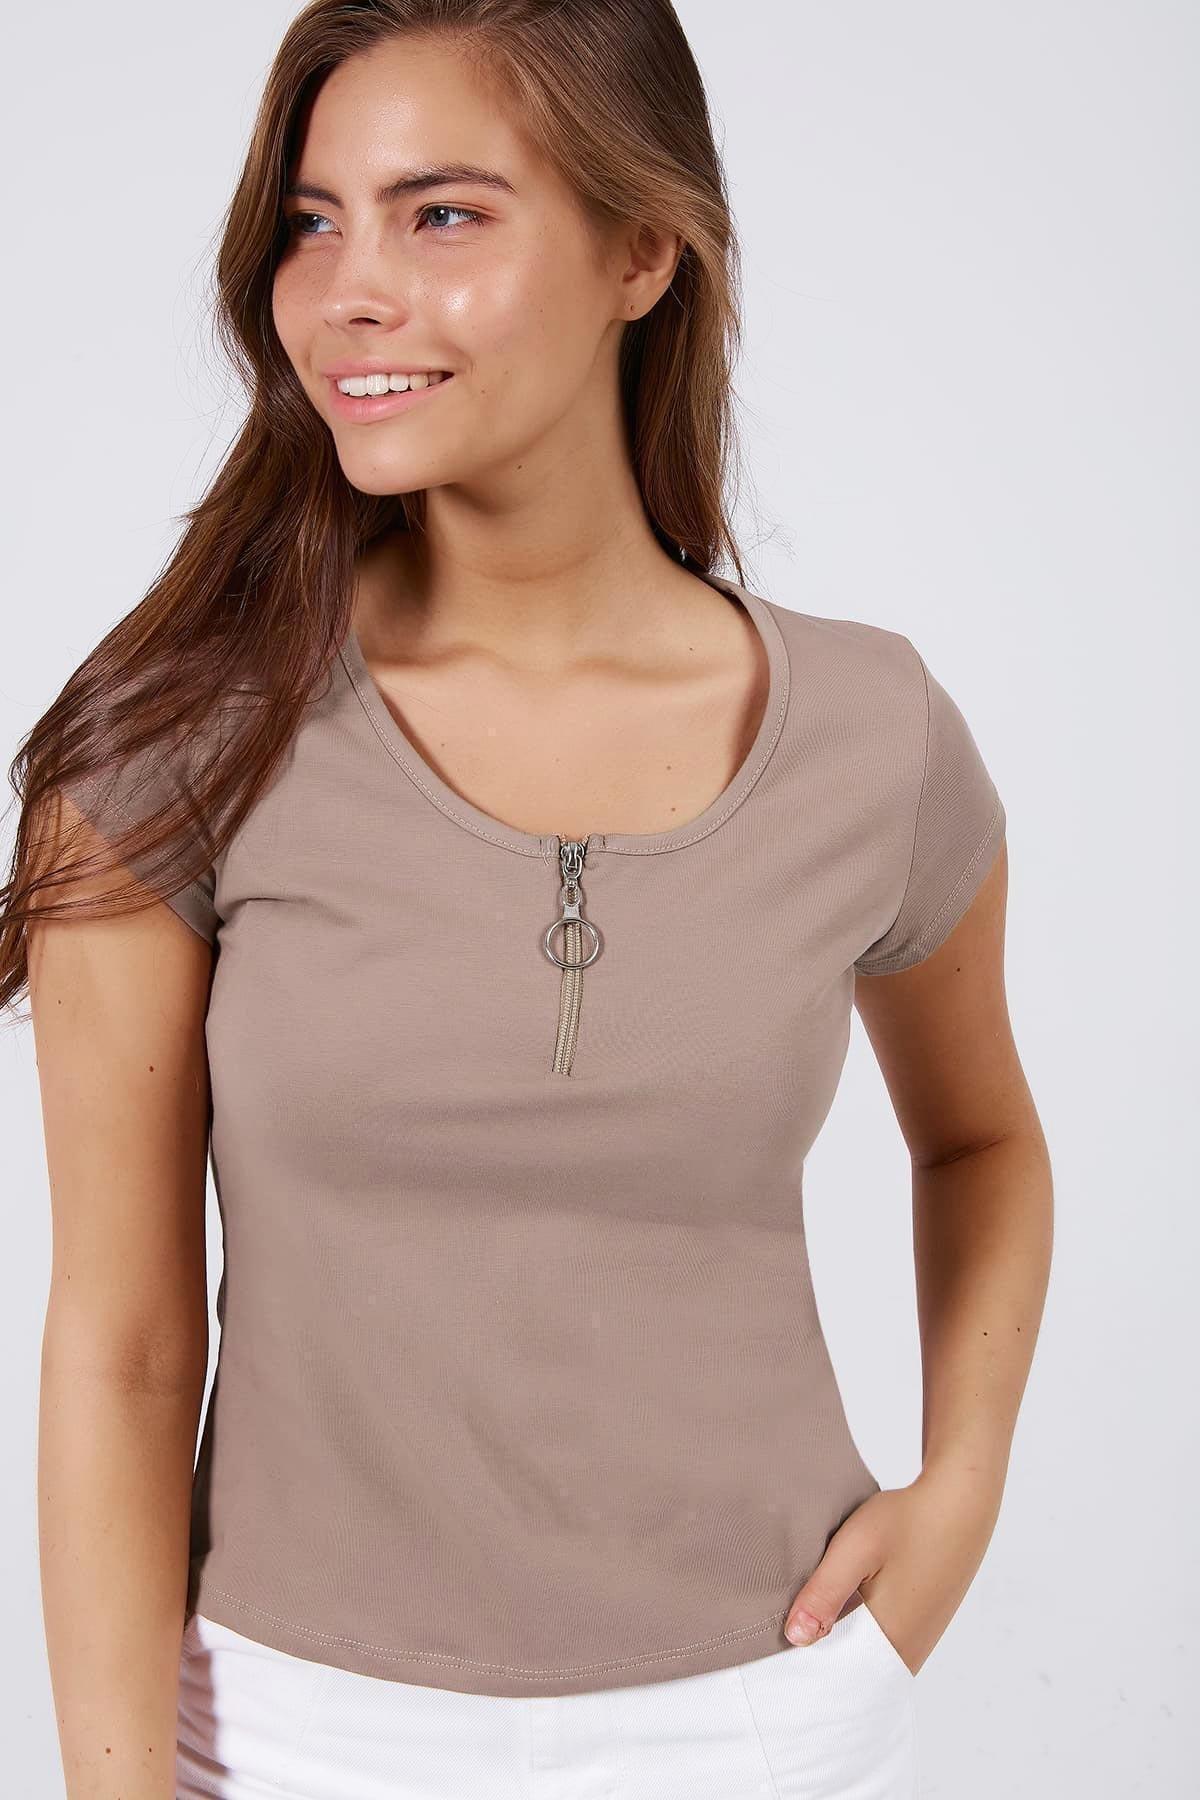 Pattaya Kadın Fermuar Detaylı Kısa Kollu Tişört Y20s126-10543 1